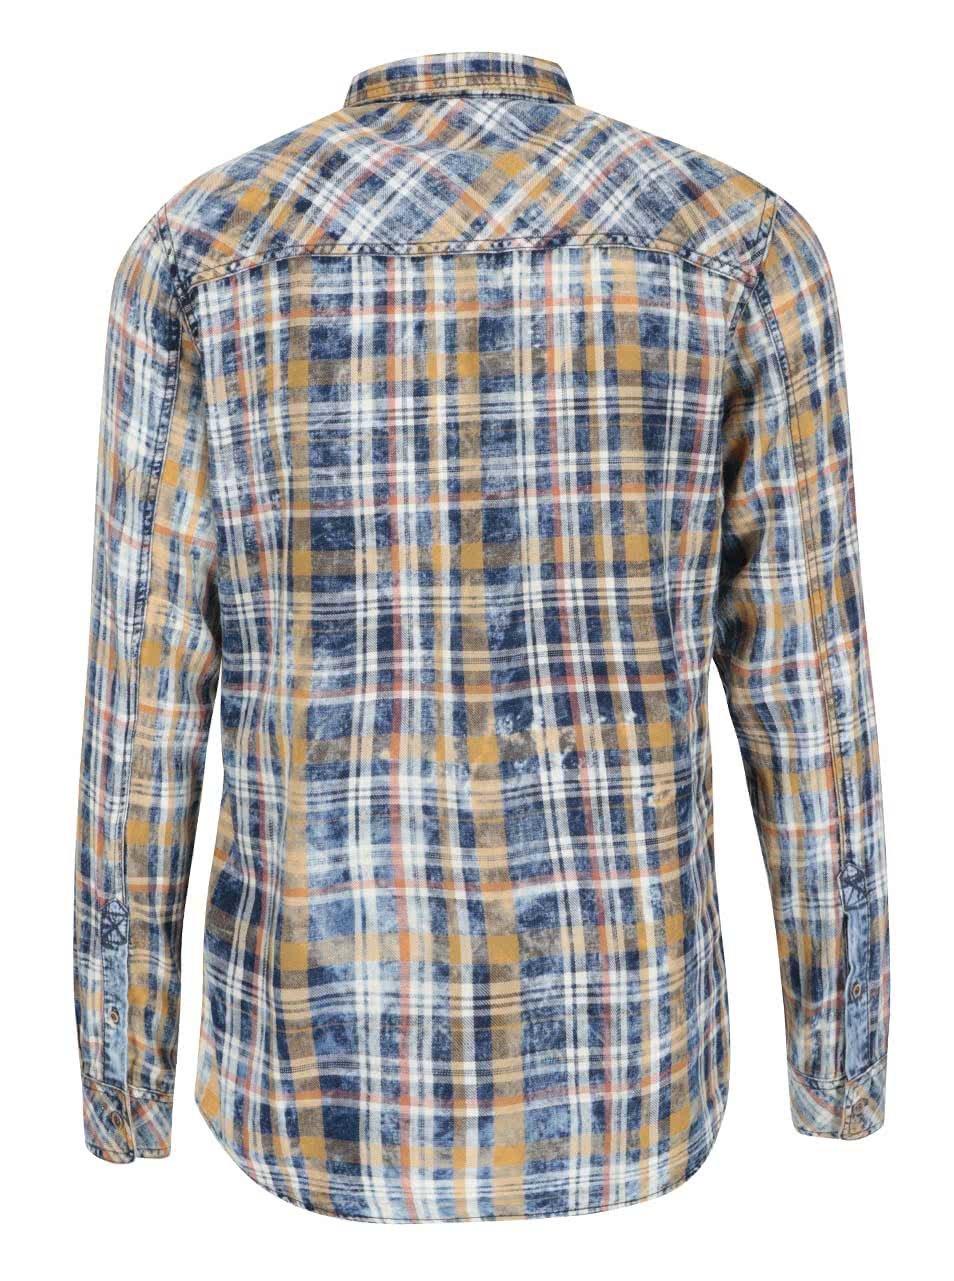 3947aec5d64b Žlto-modrá kockovaná vintage košeľa s oranžovými pruhmi !Solid Samu ...